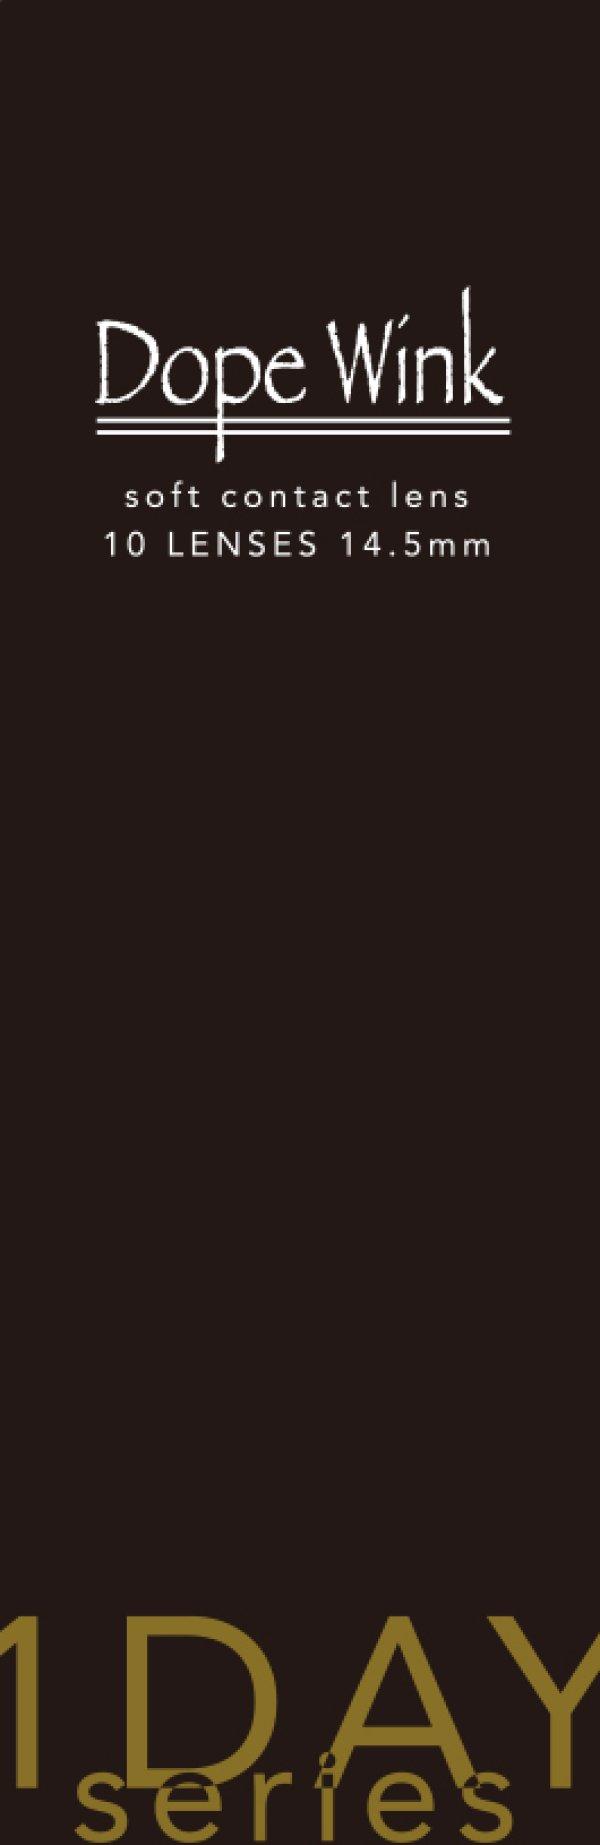 画像4: 【ドープウィンクワンデー スパークシリーズ ディアブラウン 】度あり(1箱10枚入)/1日使い捨てカラーコンタクト【カラコン】[OF08]